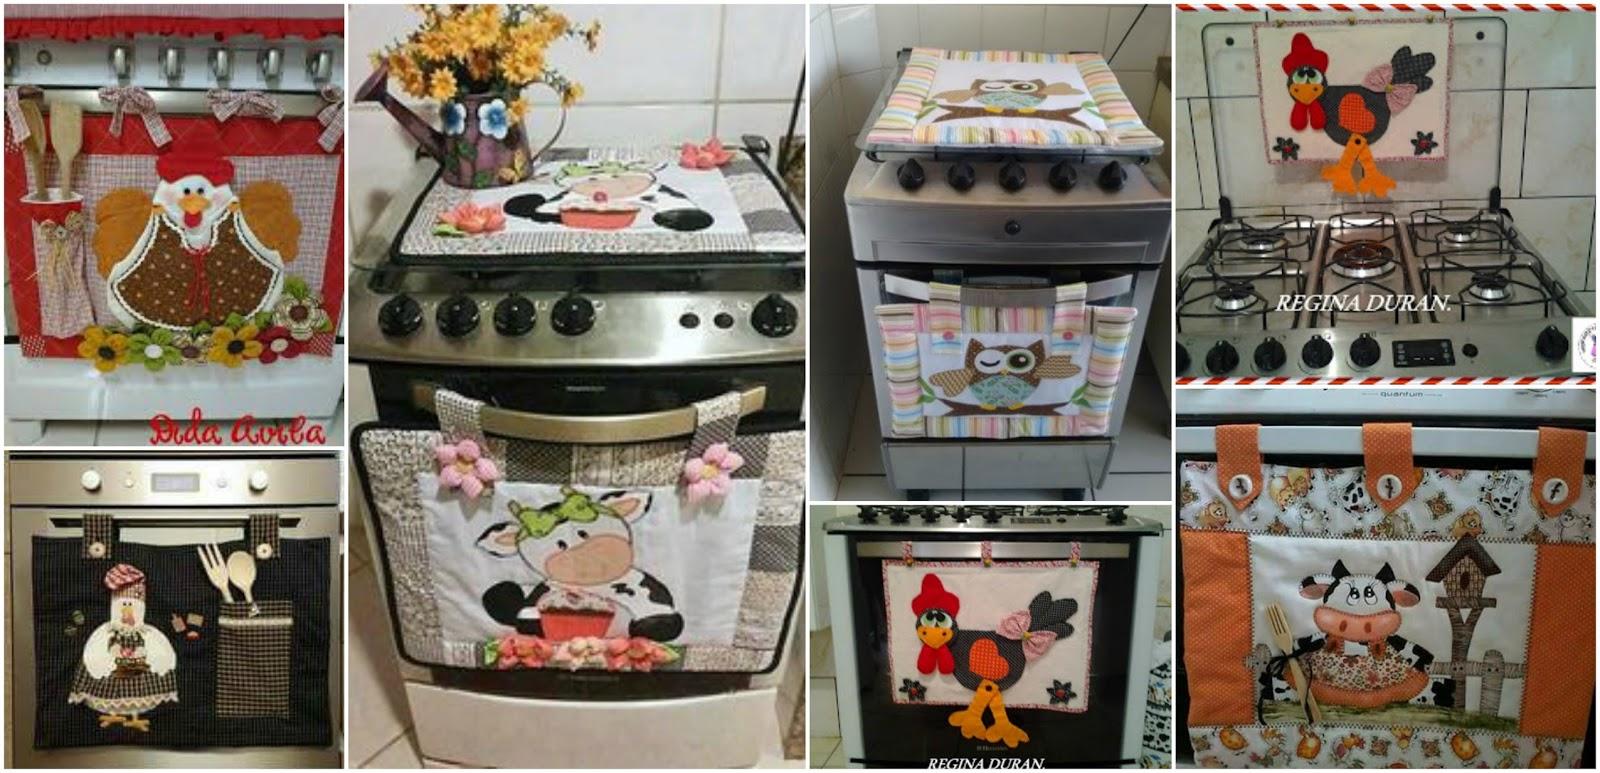 Aprende cómo hacer fundas decorativas para el horno de tu cocina ...